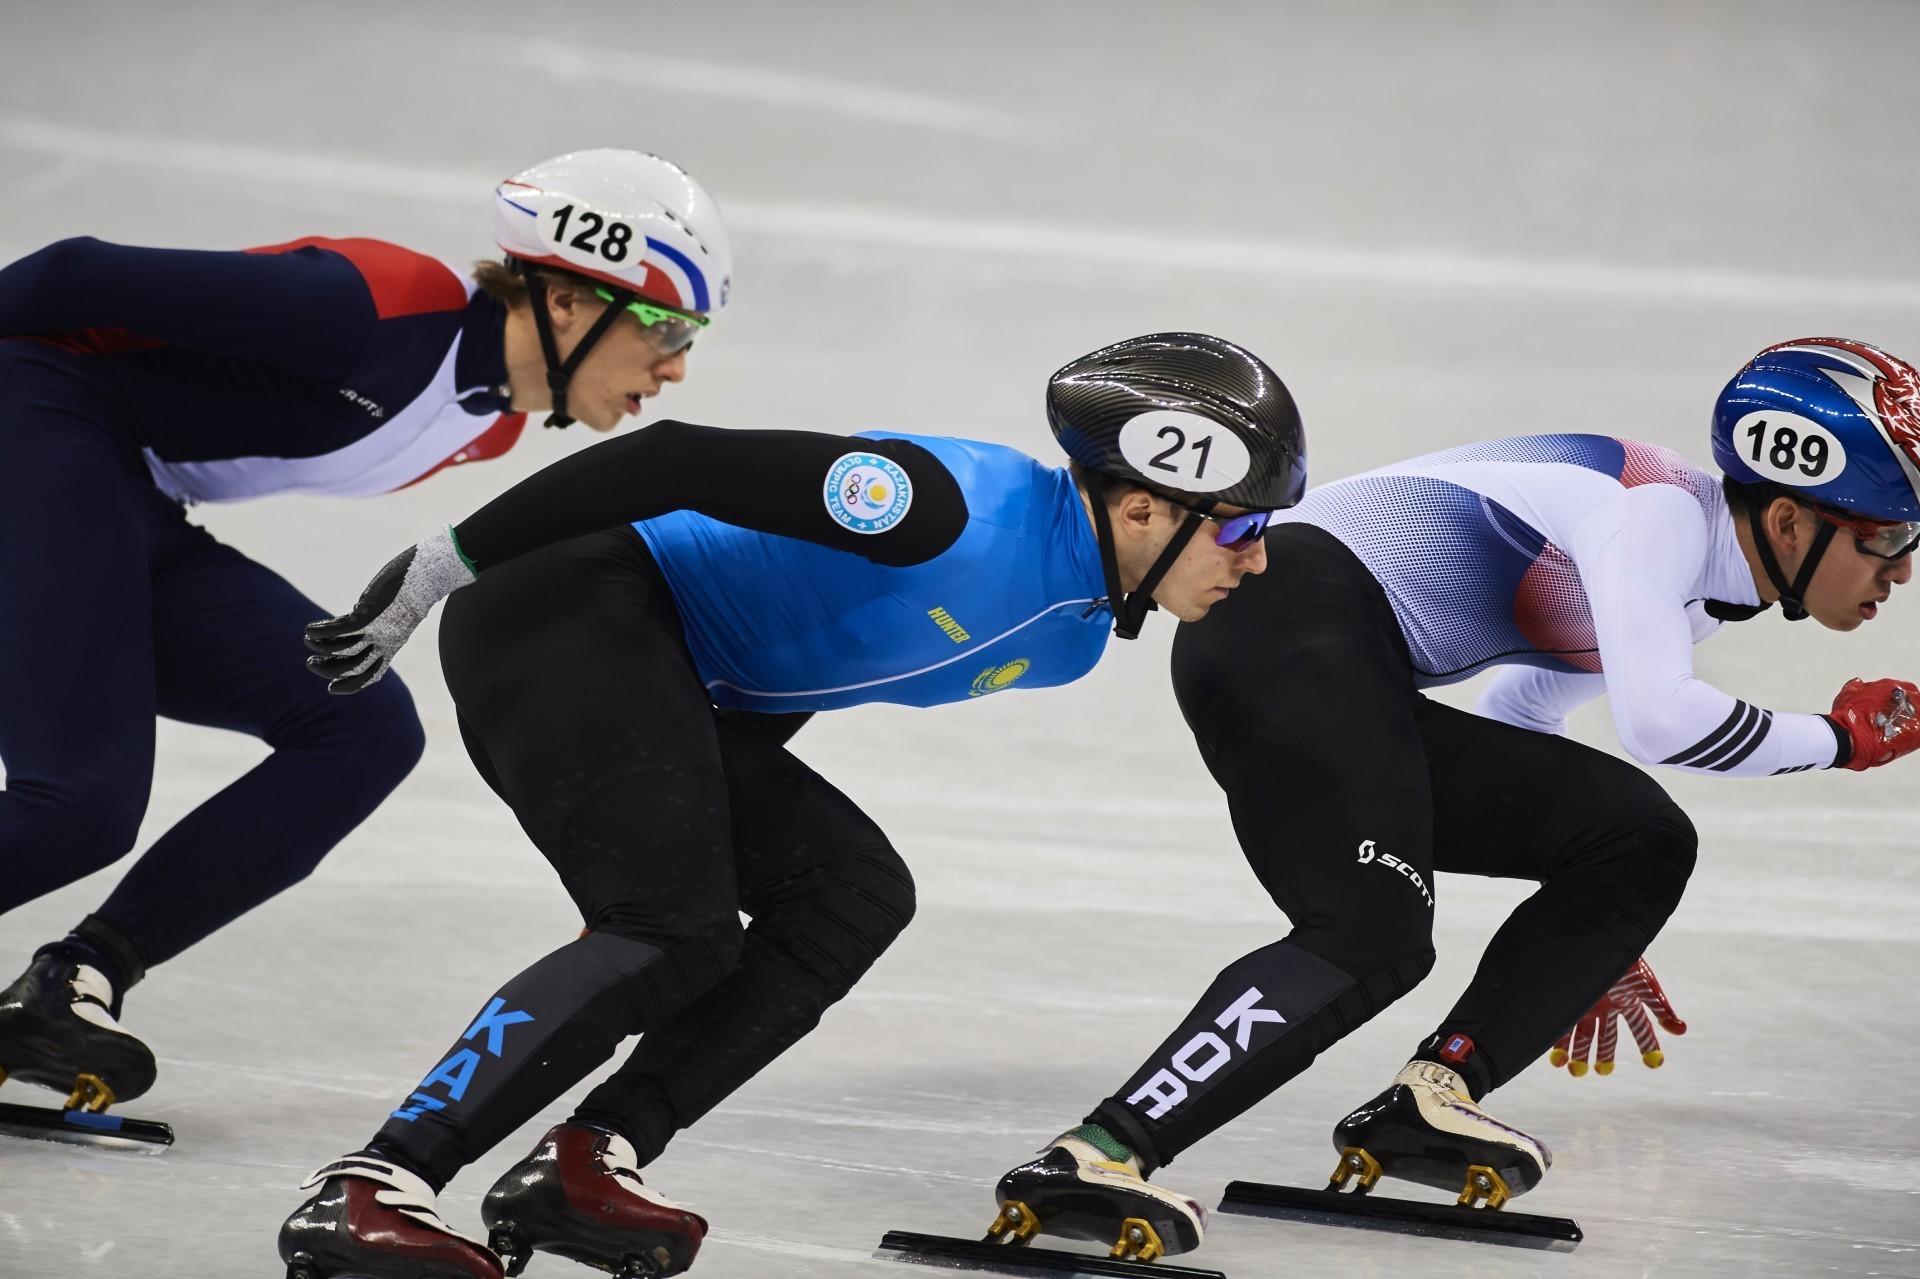 В Алматы впервые состоится этап Кубка мира по шорт-треку